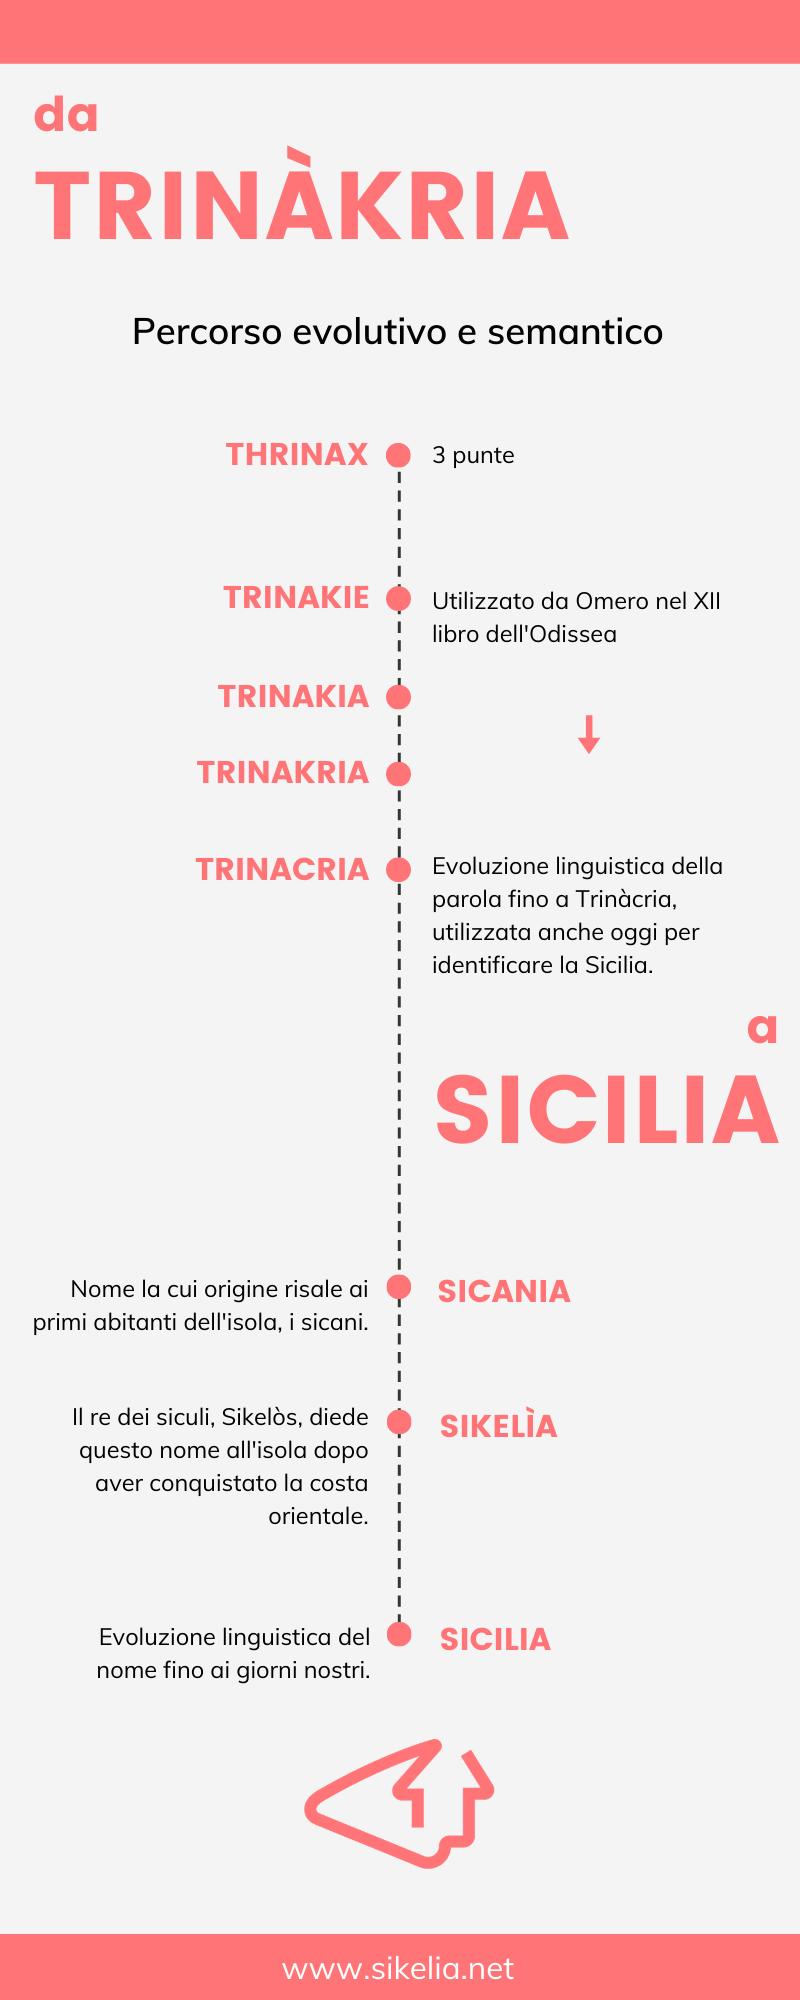 infografica con origine e significato del nome Sicilia